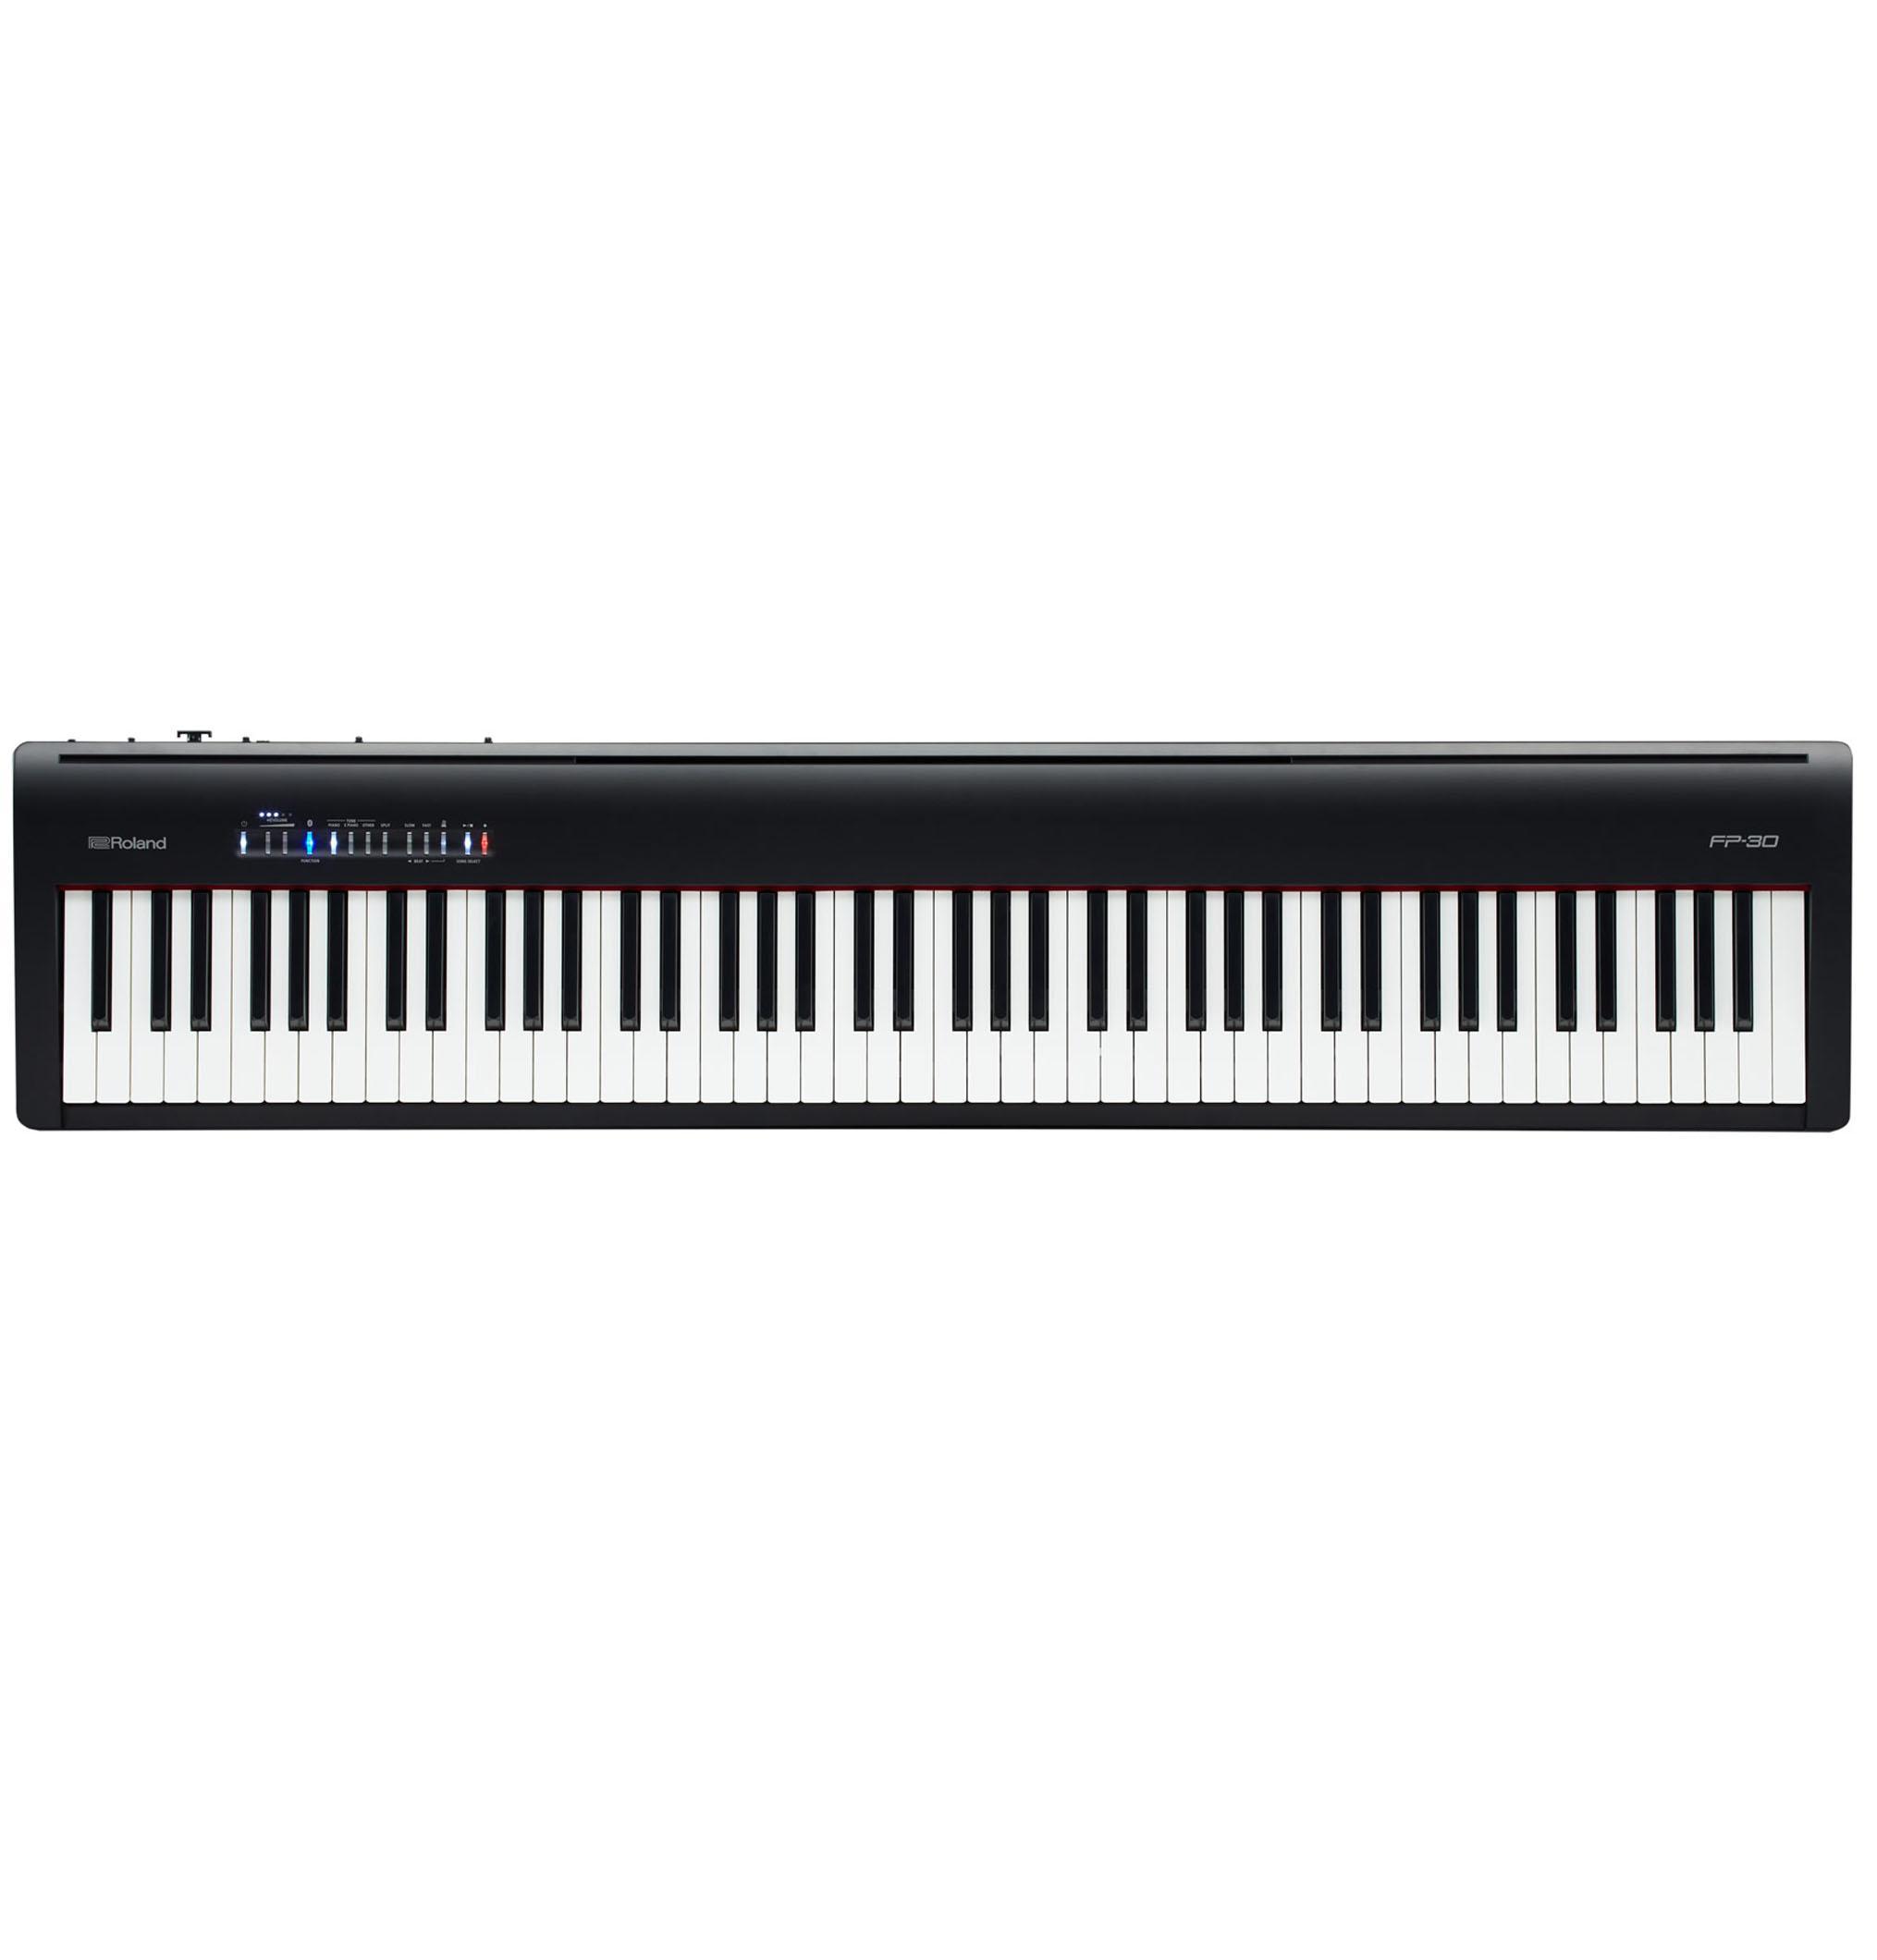 Đàn Piano điện Roland FP-30 Digital Piano Black - Roland FP-30BK Giá Ưu Đãi Nhất